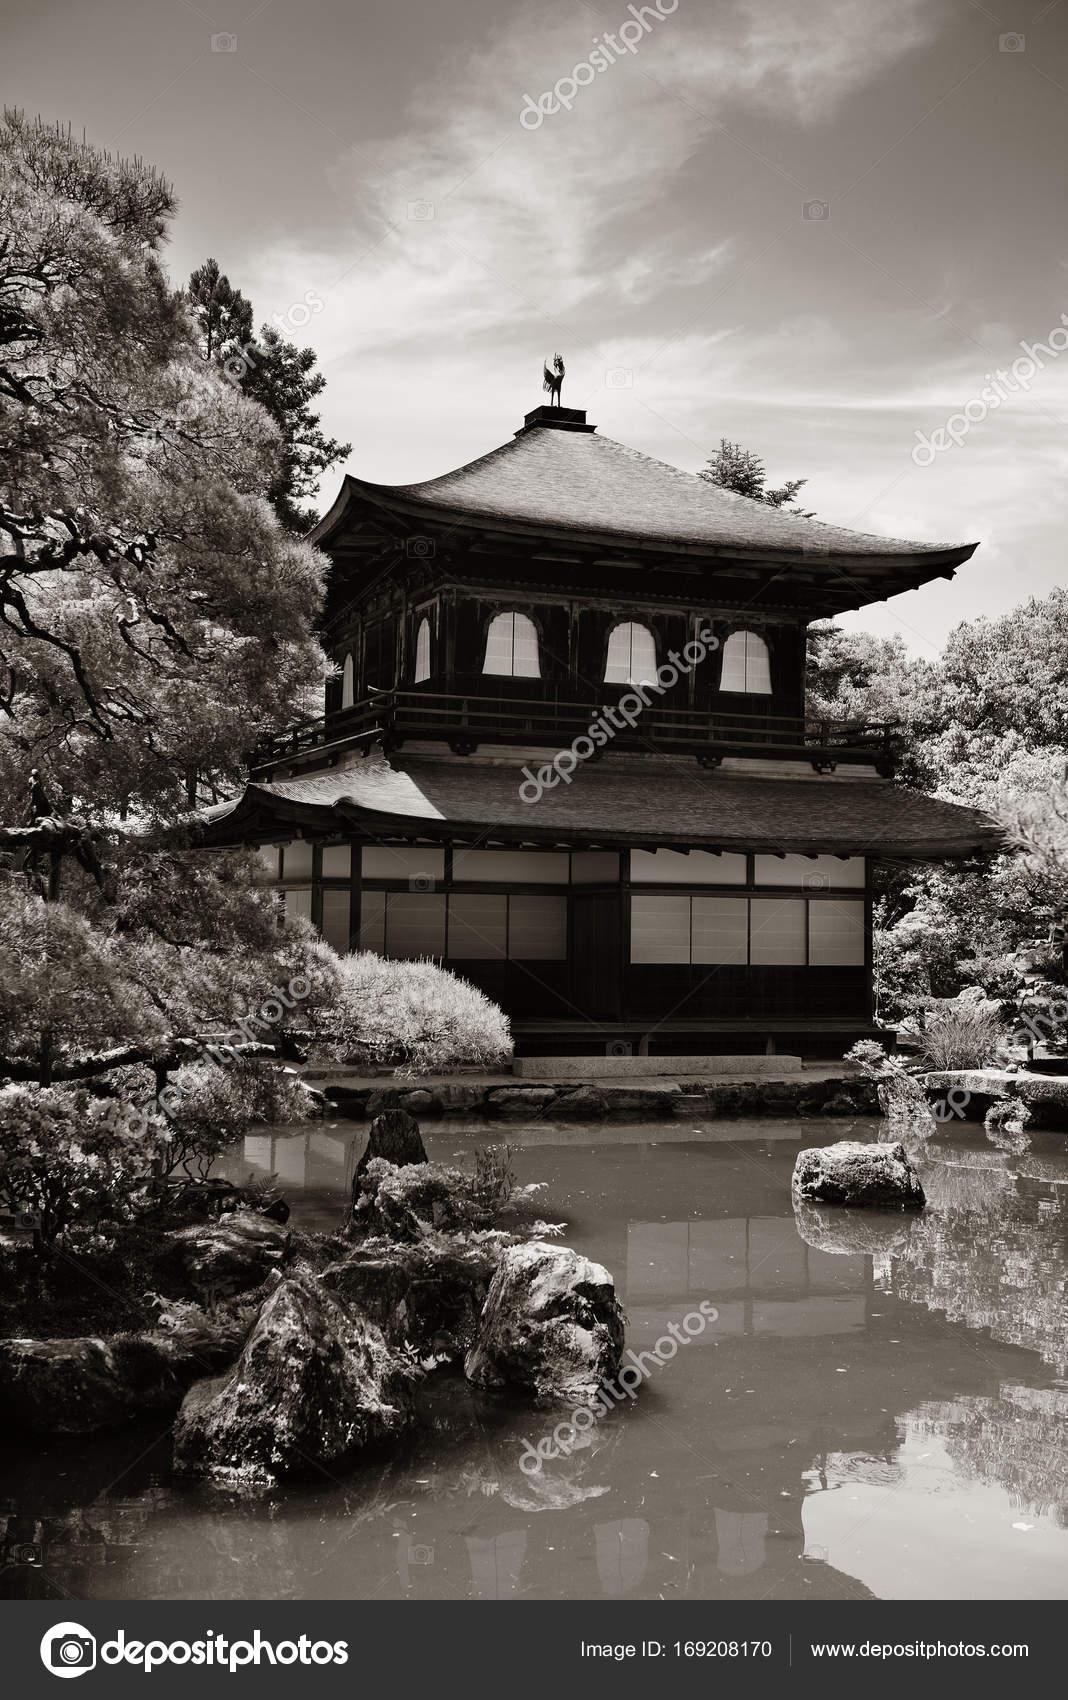 京都の歴史的建造物 \u2014 ストック写真